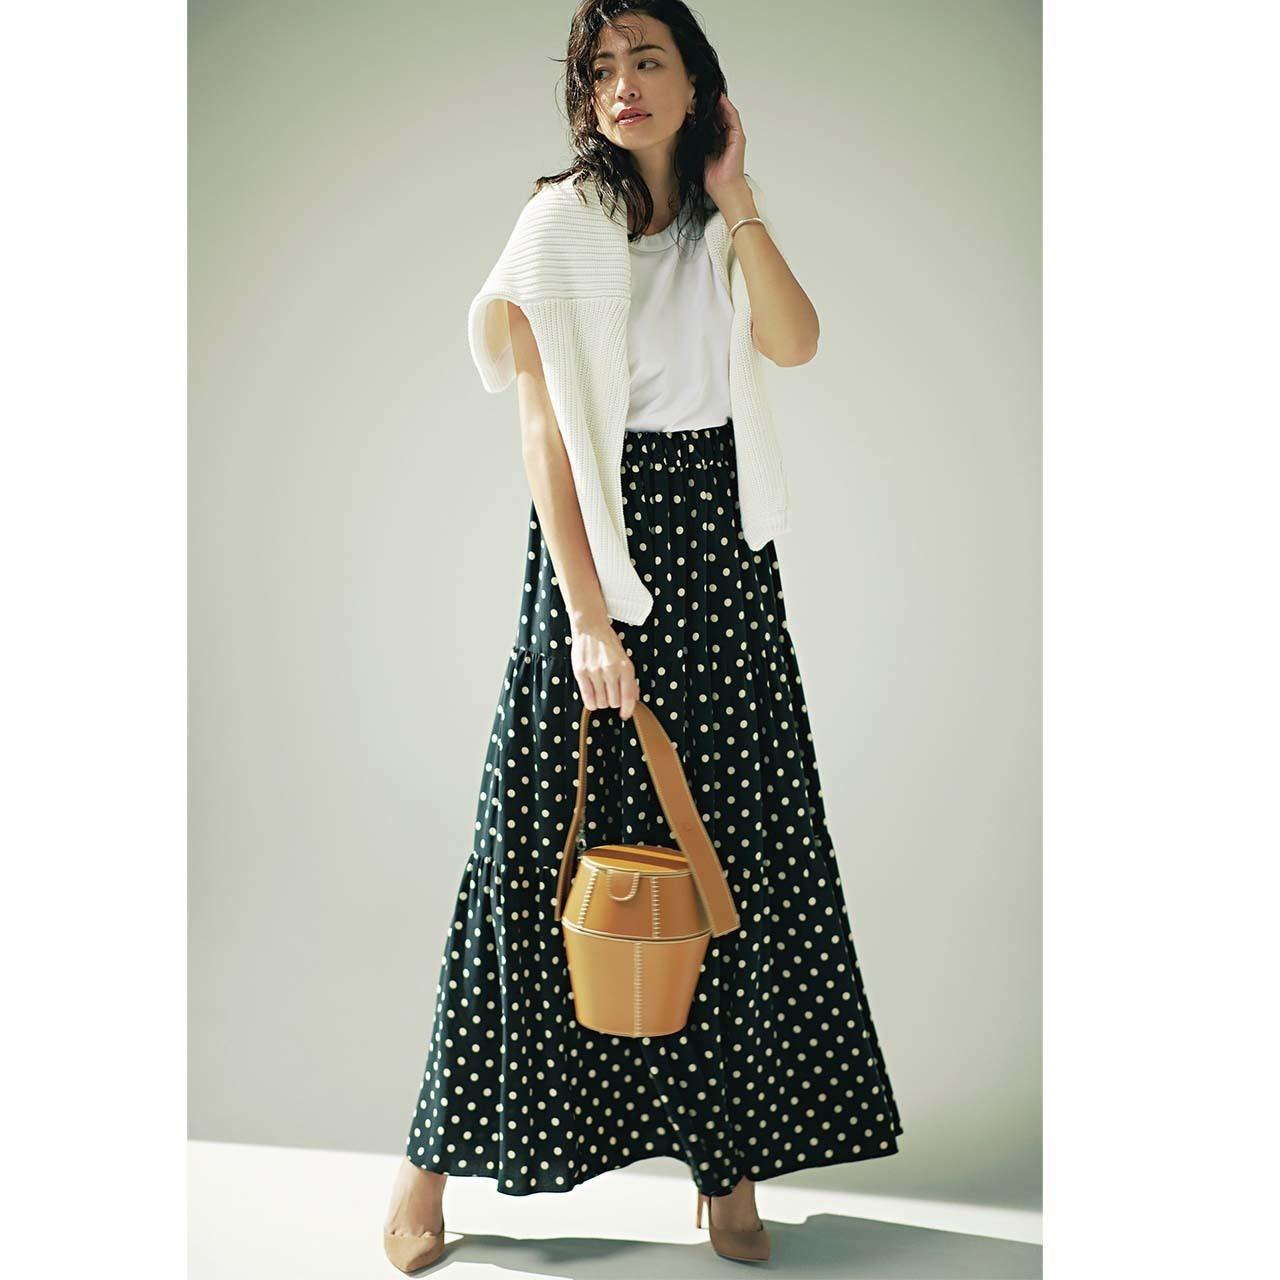 白カットソー×黒ベースのドット柄スカートのモノトーンコーデ